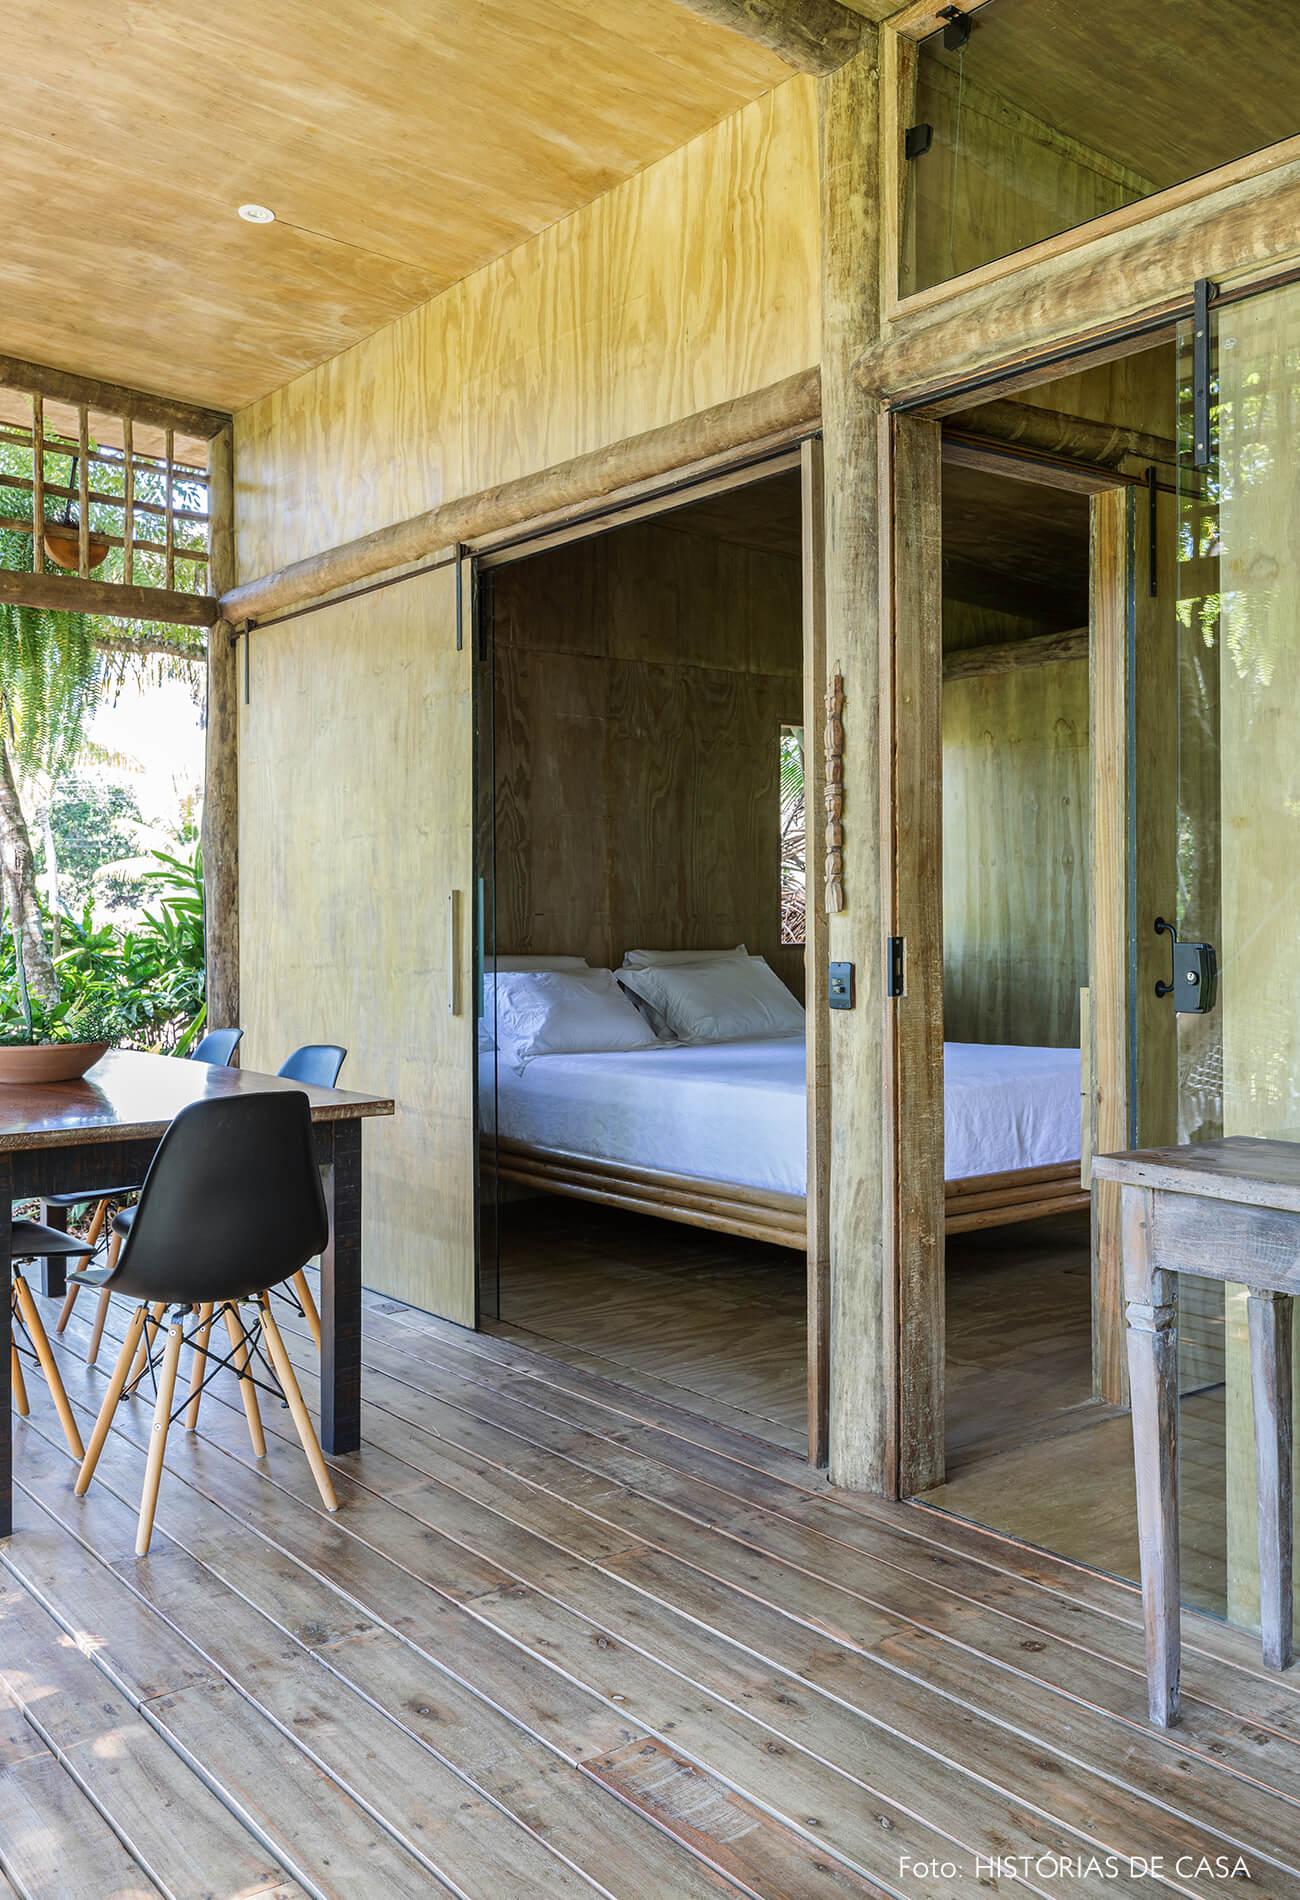 trancoso-decoracao-hotel-villase7e-21-quarto-varanda-piso-madeira-cama-branca-cadeira-eames-preta